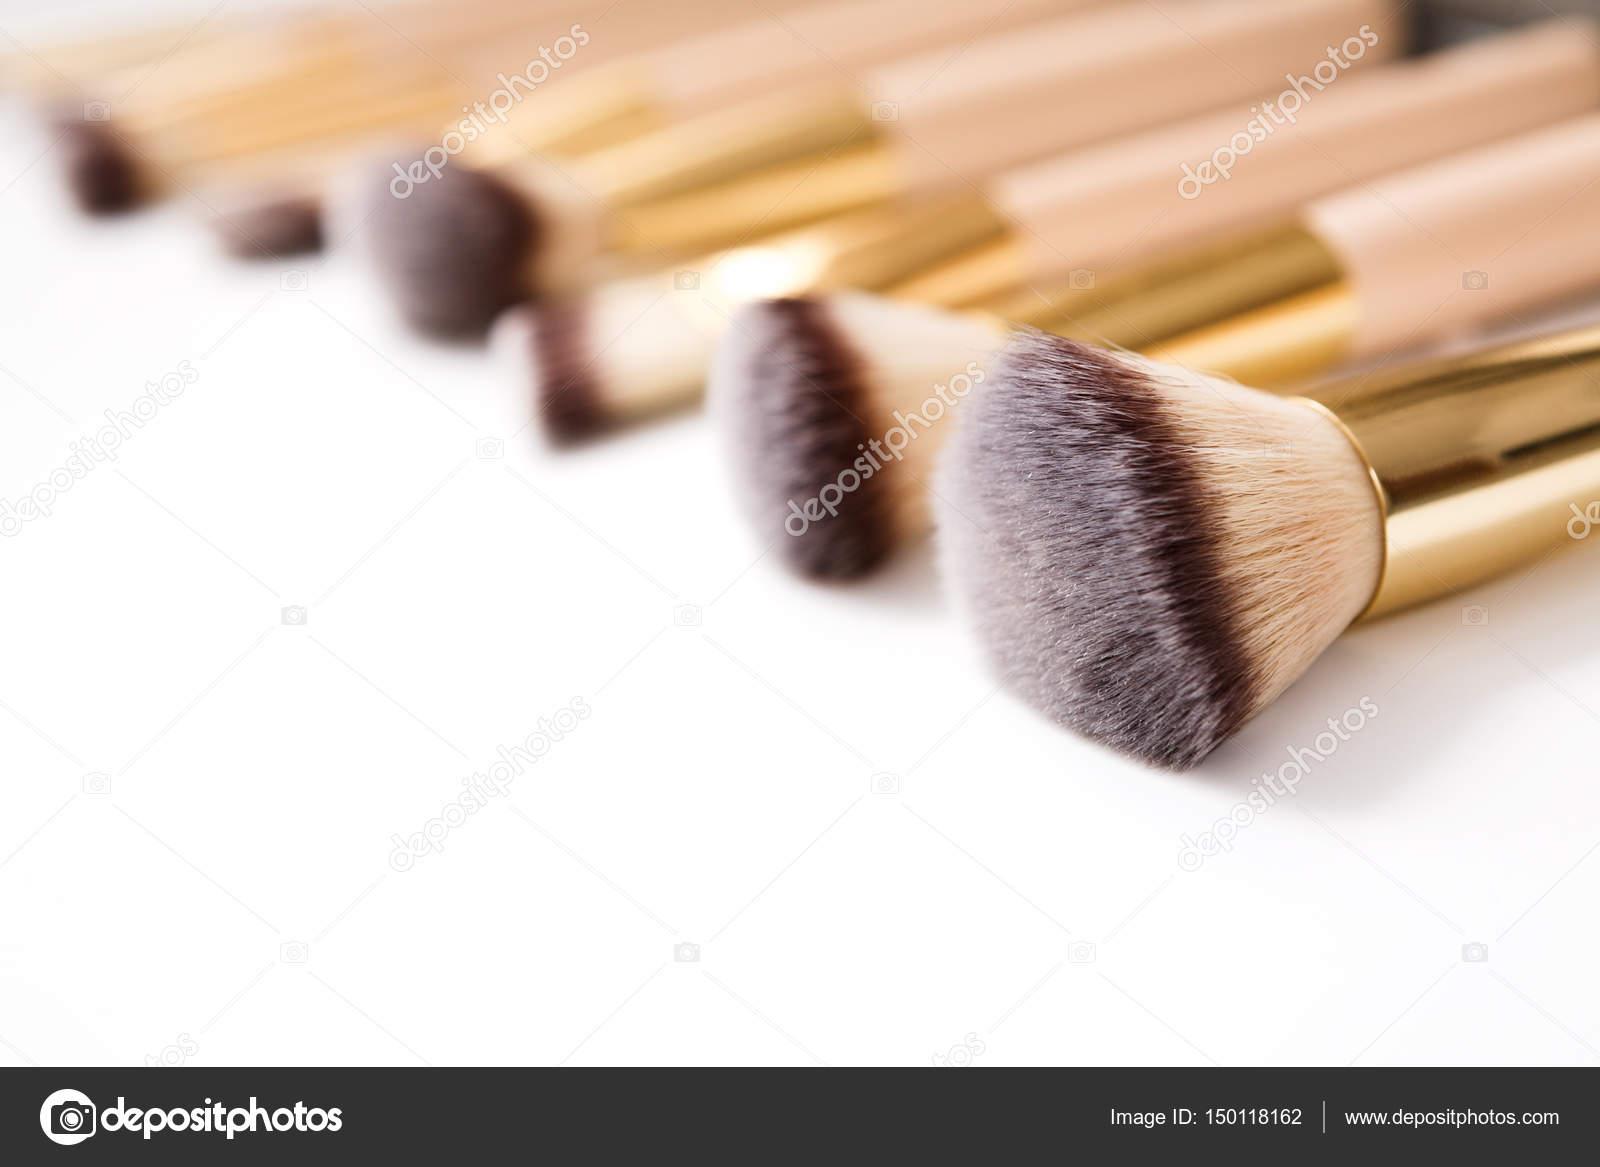 Produits cosmétiques et beauté. Pinceaux à maquillage mis en ligne sur fond  isolé blanc. Mise au point sélective, la faible profondeur de champ — Image  de ... fe677a39ec7e